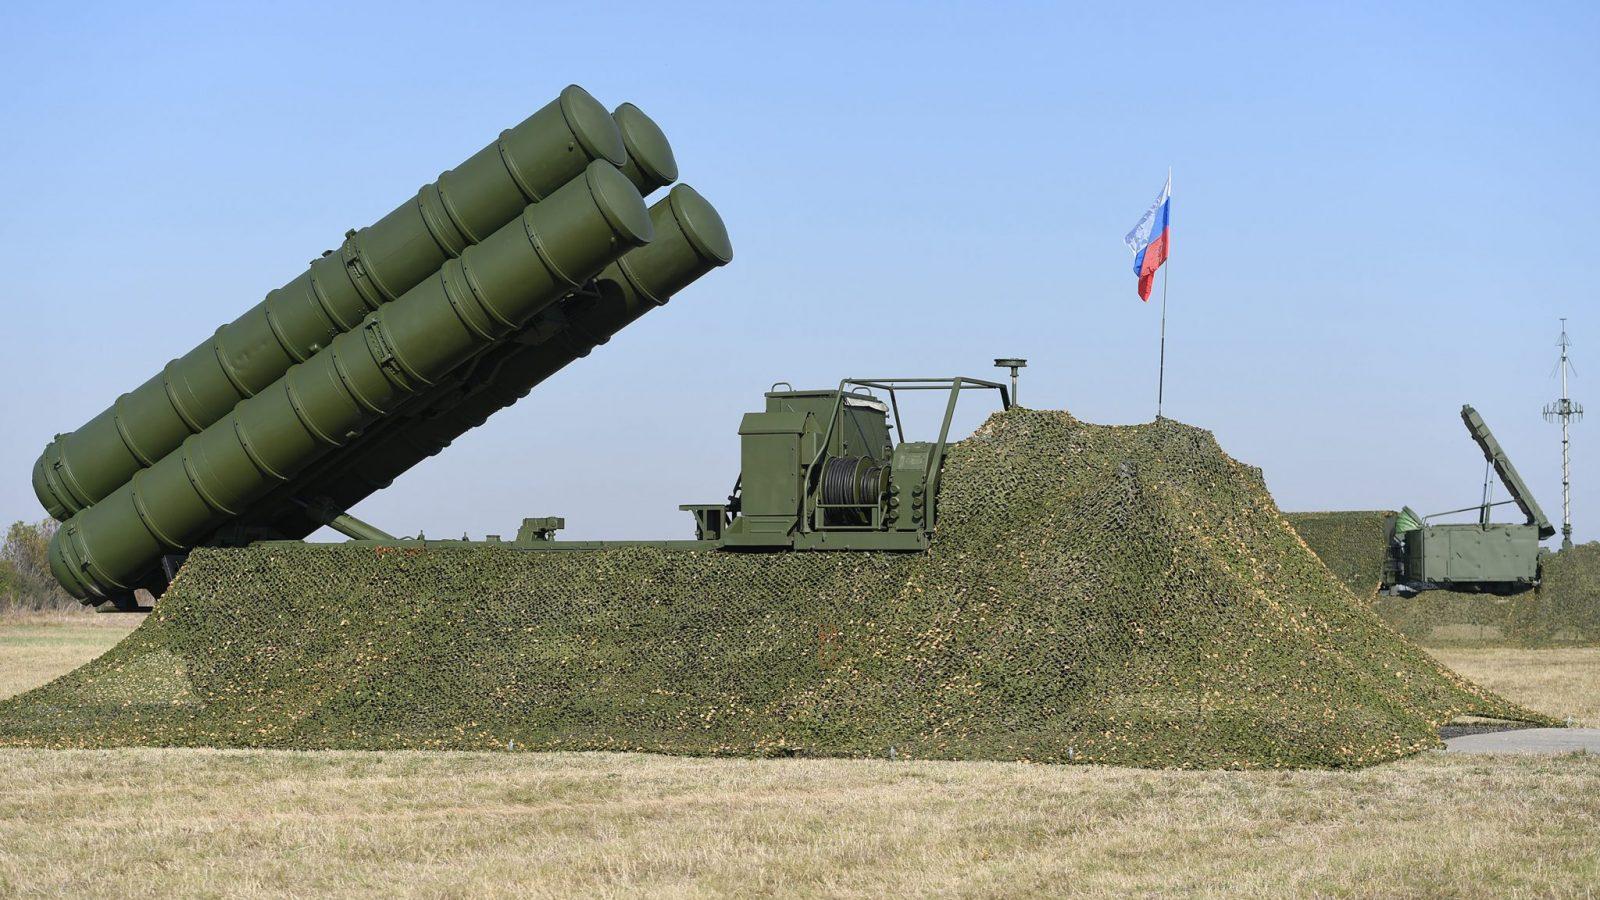 Ruski raketni sistem S-400 pod lupom: Da li je zaista svemoguć?